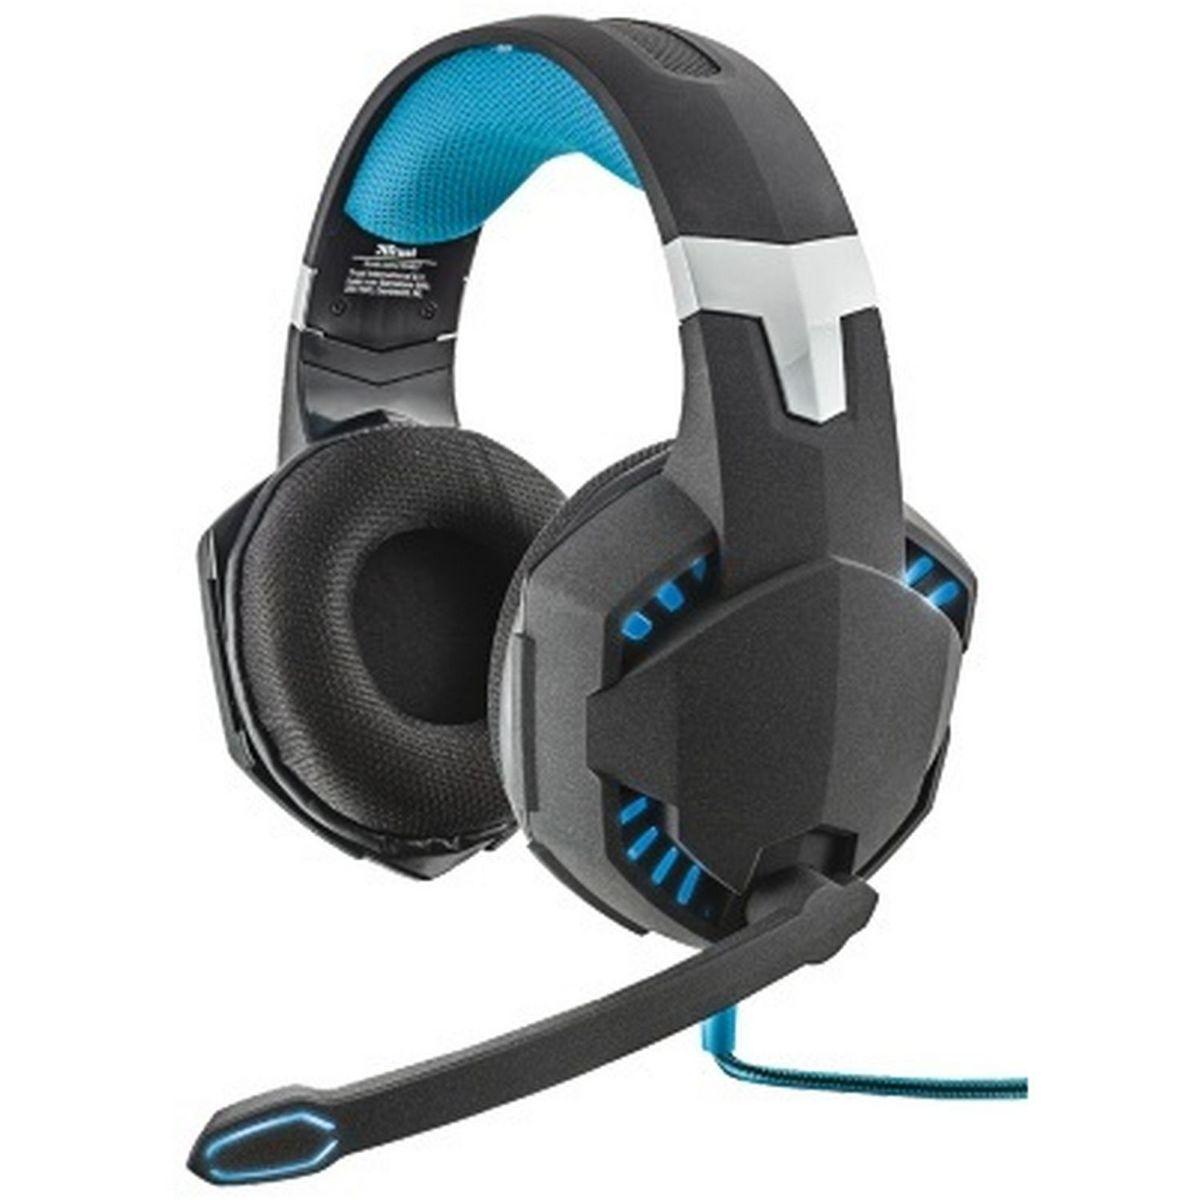 GXT 363 7.1 - Noir et Turquoise - Casque Audio